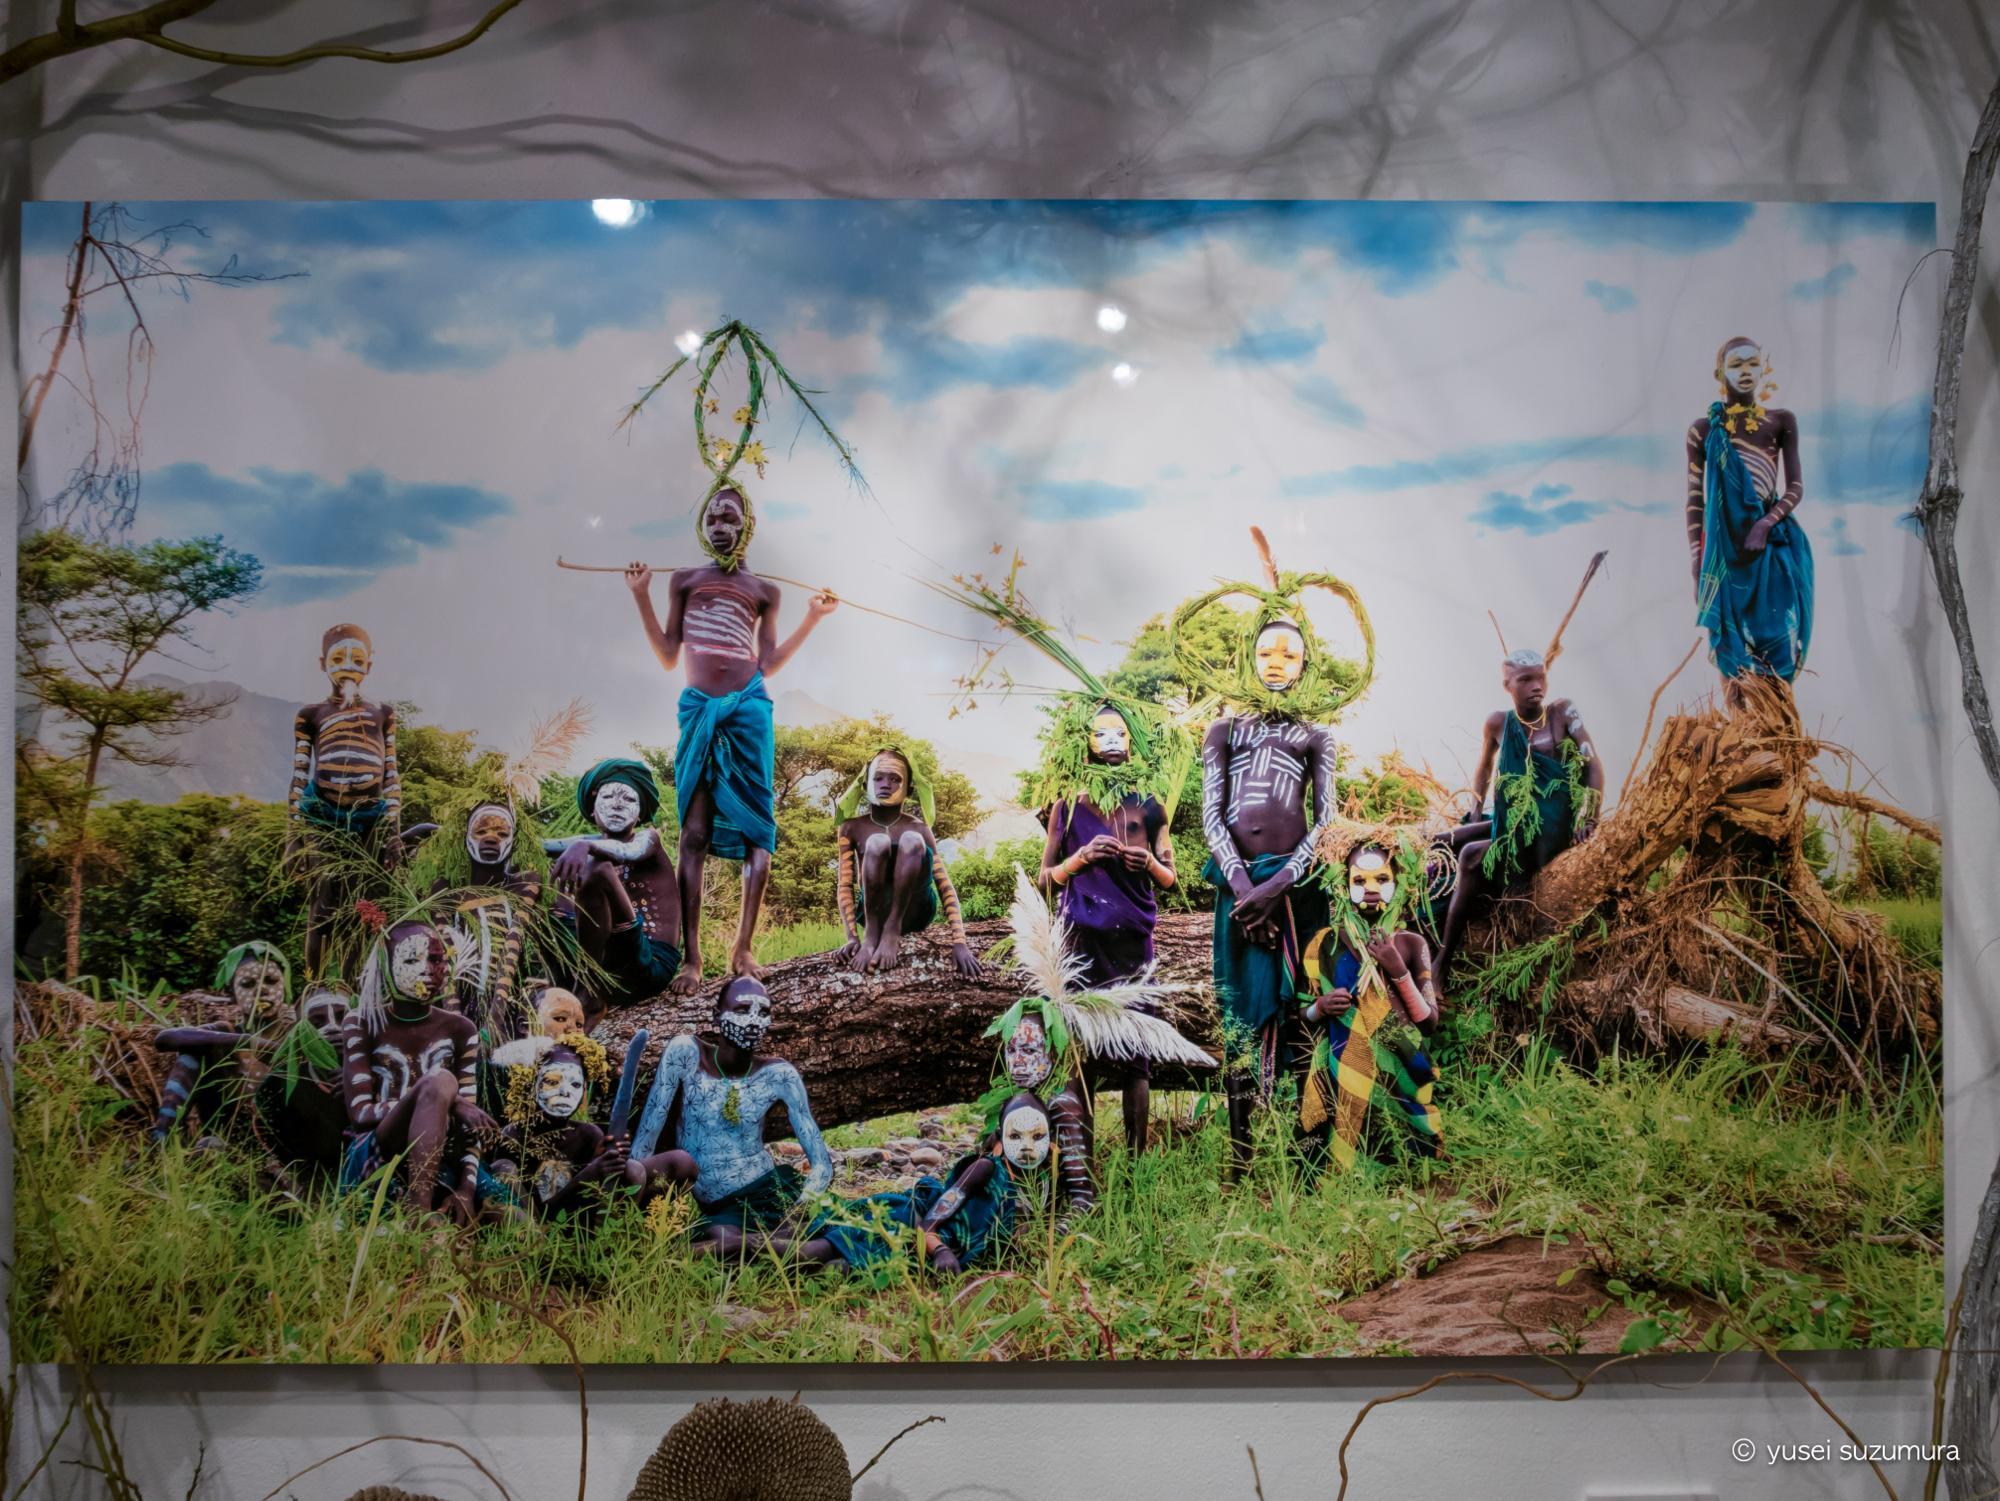 ヨシダナギ写真展「Suri COLLECTION~世界一ファッショナブルな民族の極彩~」に行ってきた。